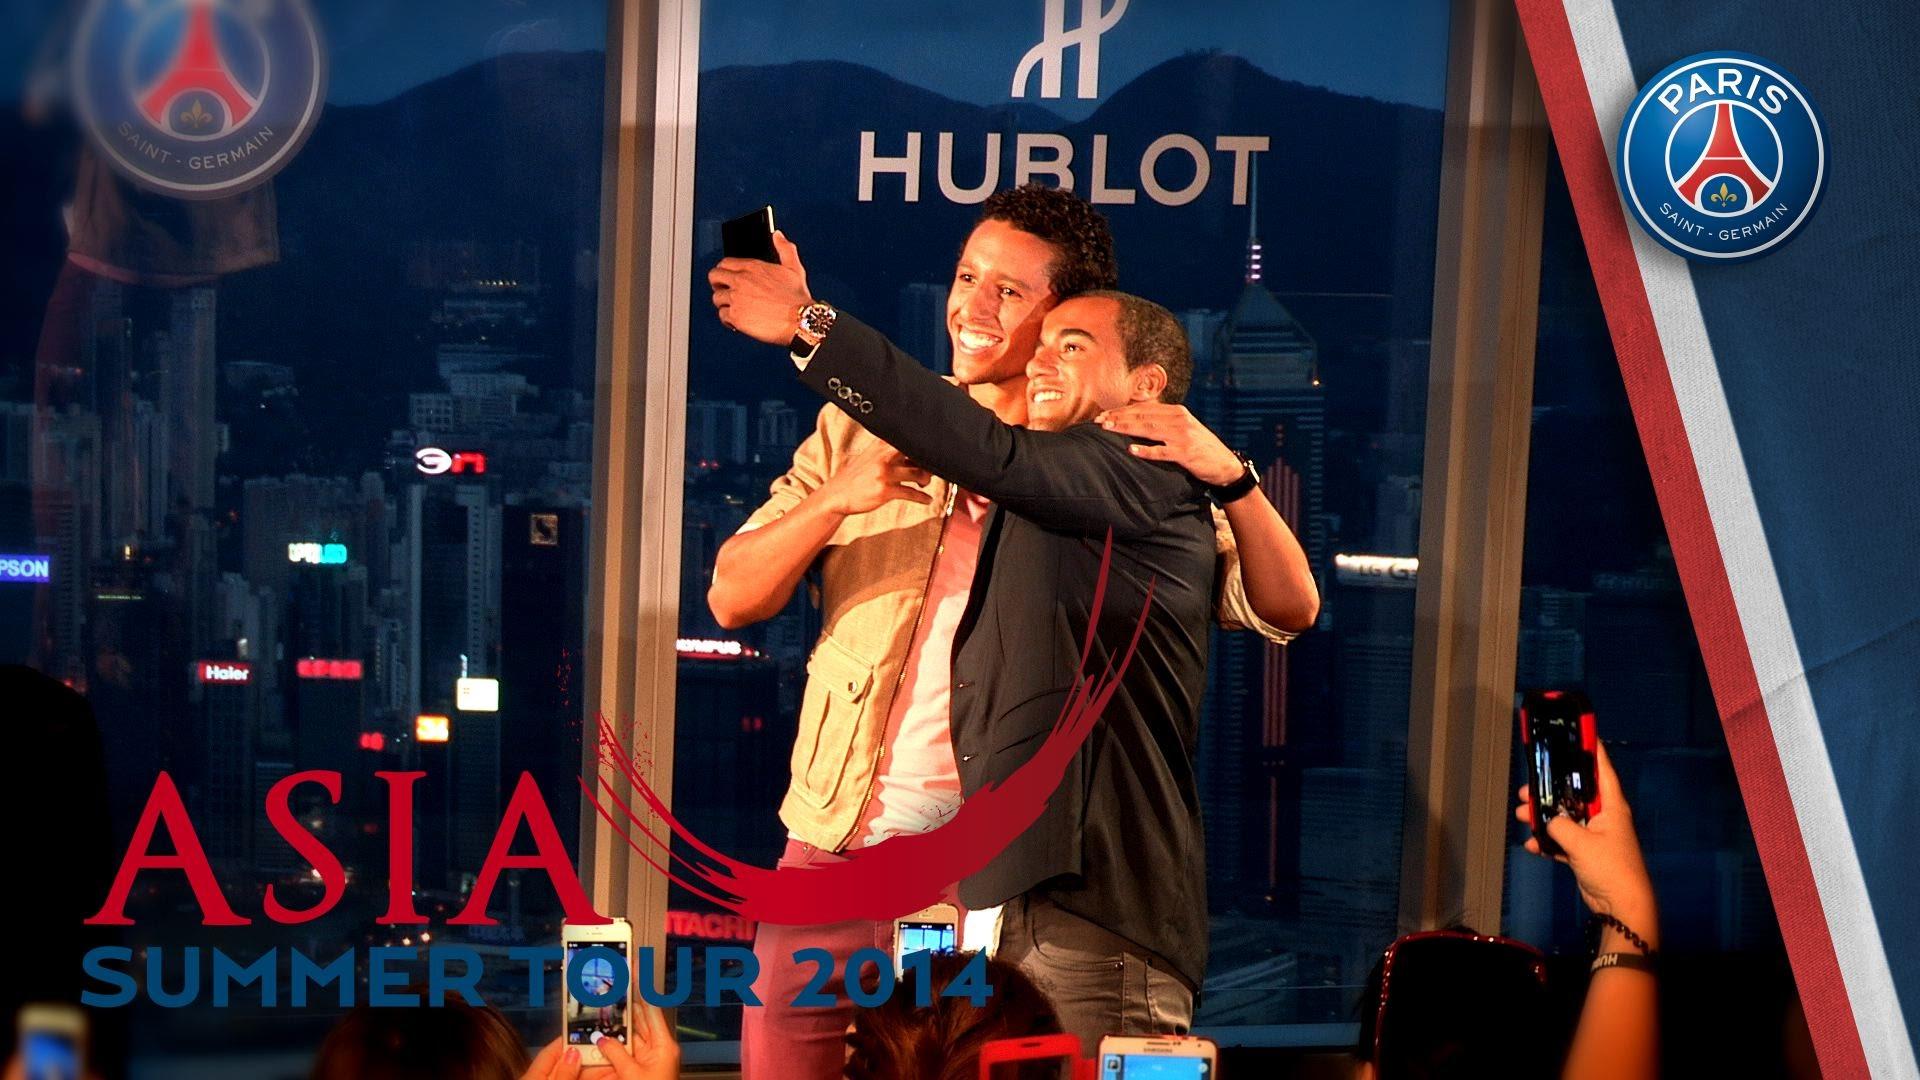 Défilé HUBLOT à Hong Kong pour les Parisiens